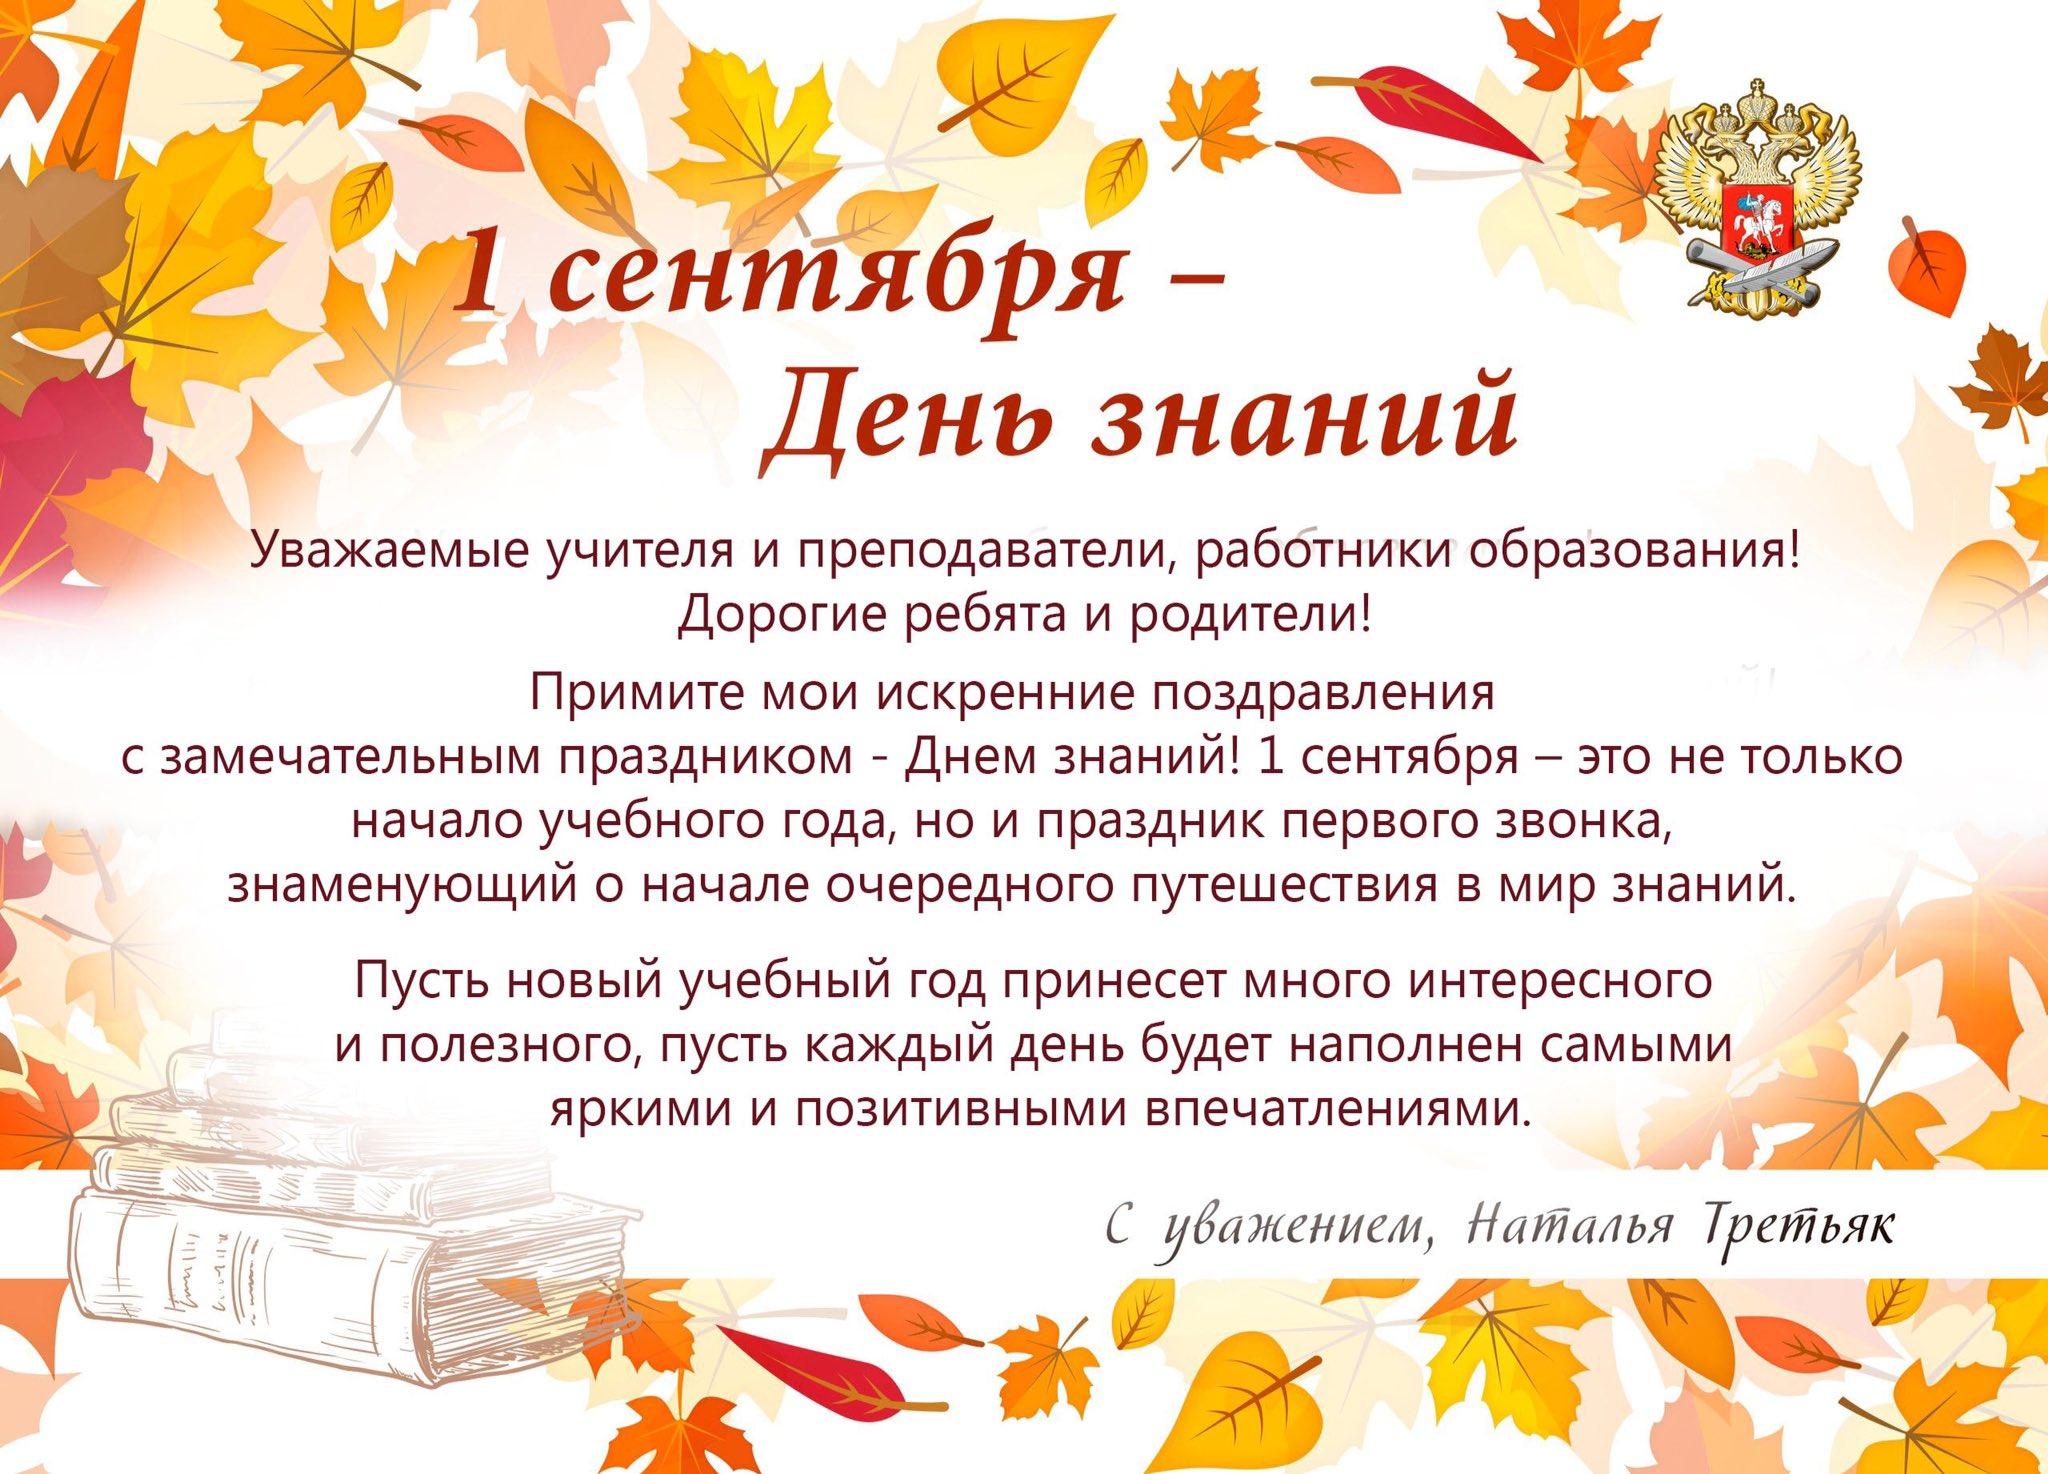 Открытки пожелания к 1 сентября, юбилеем женщине красивые